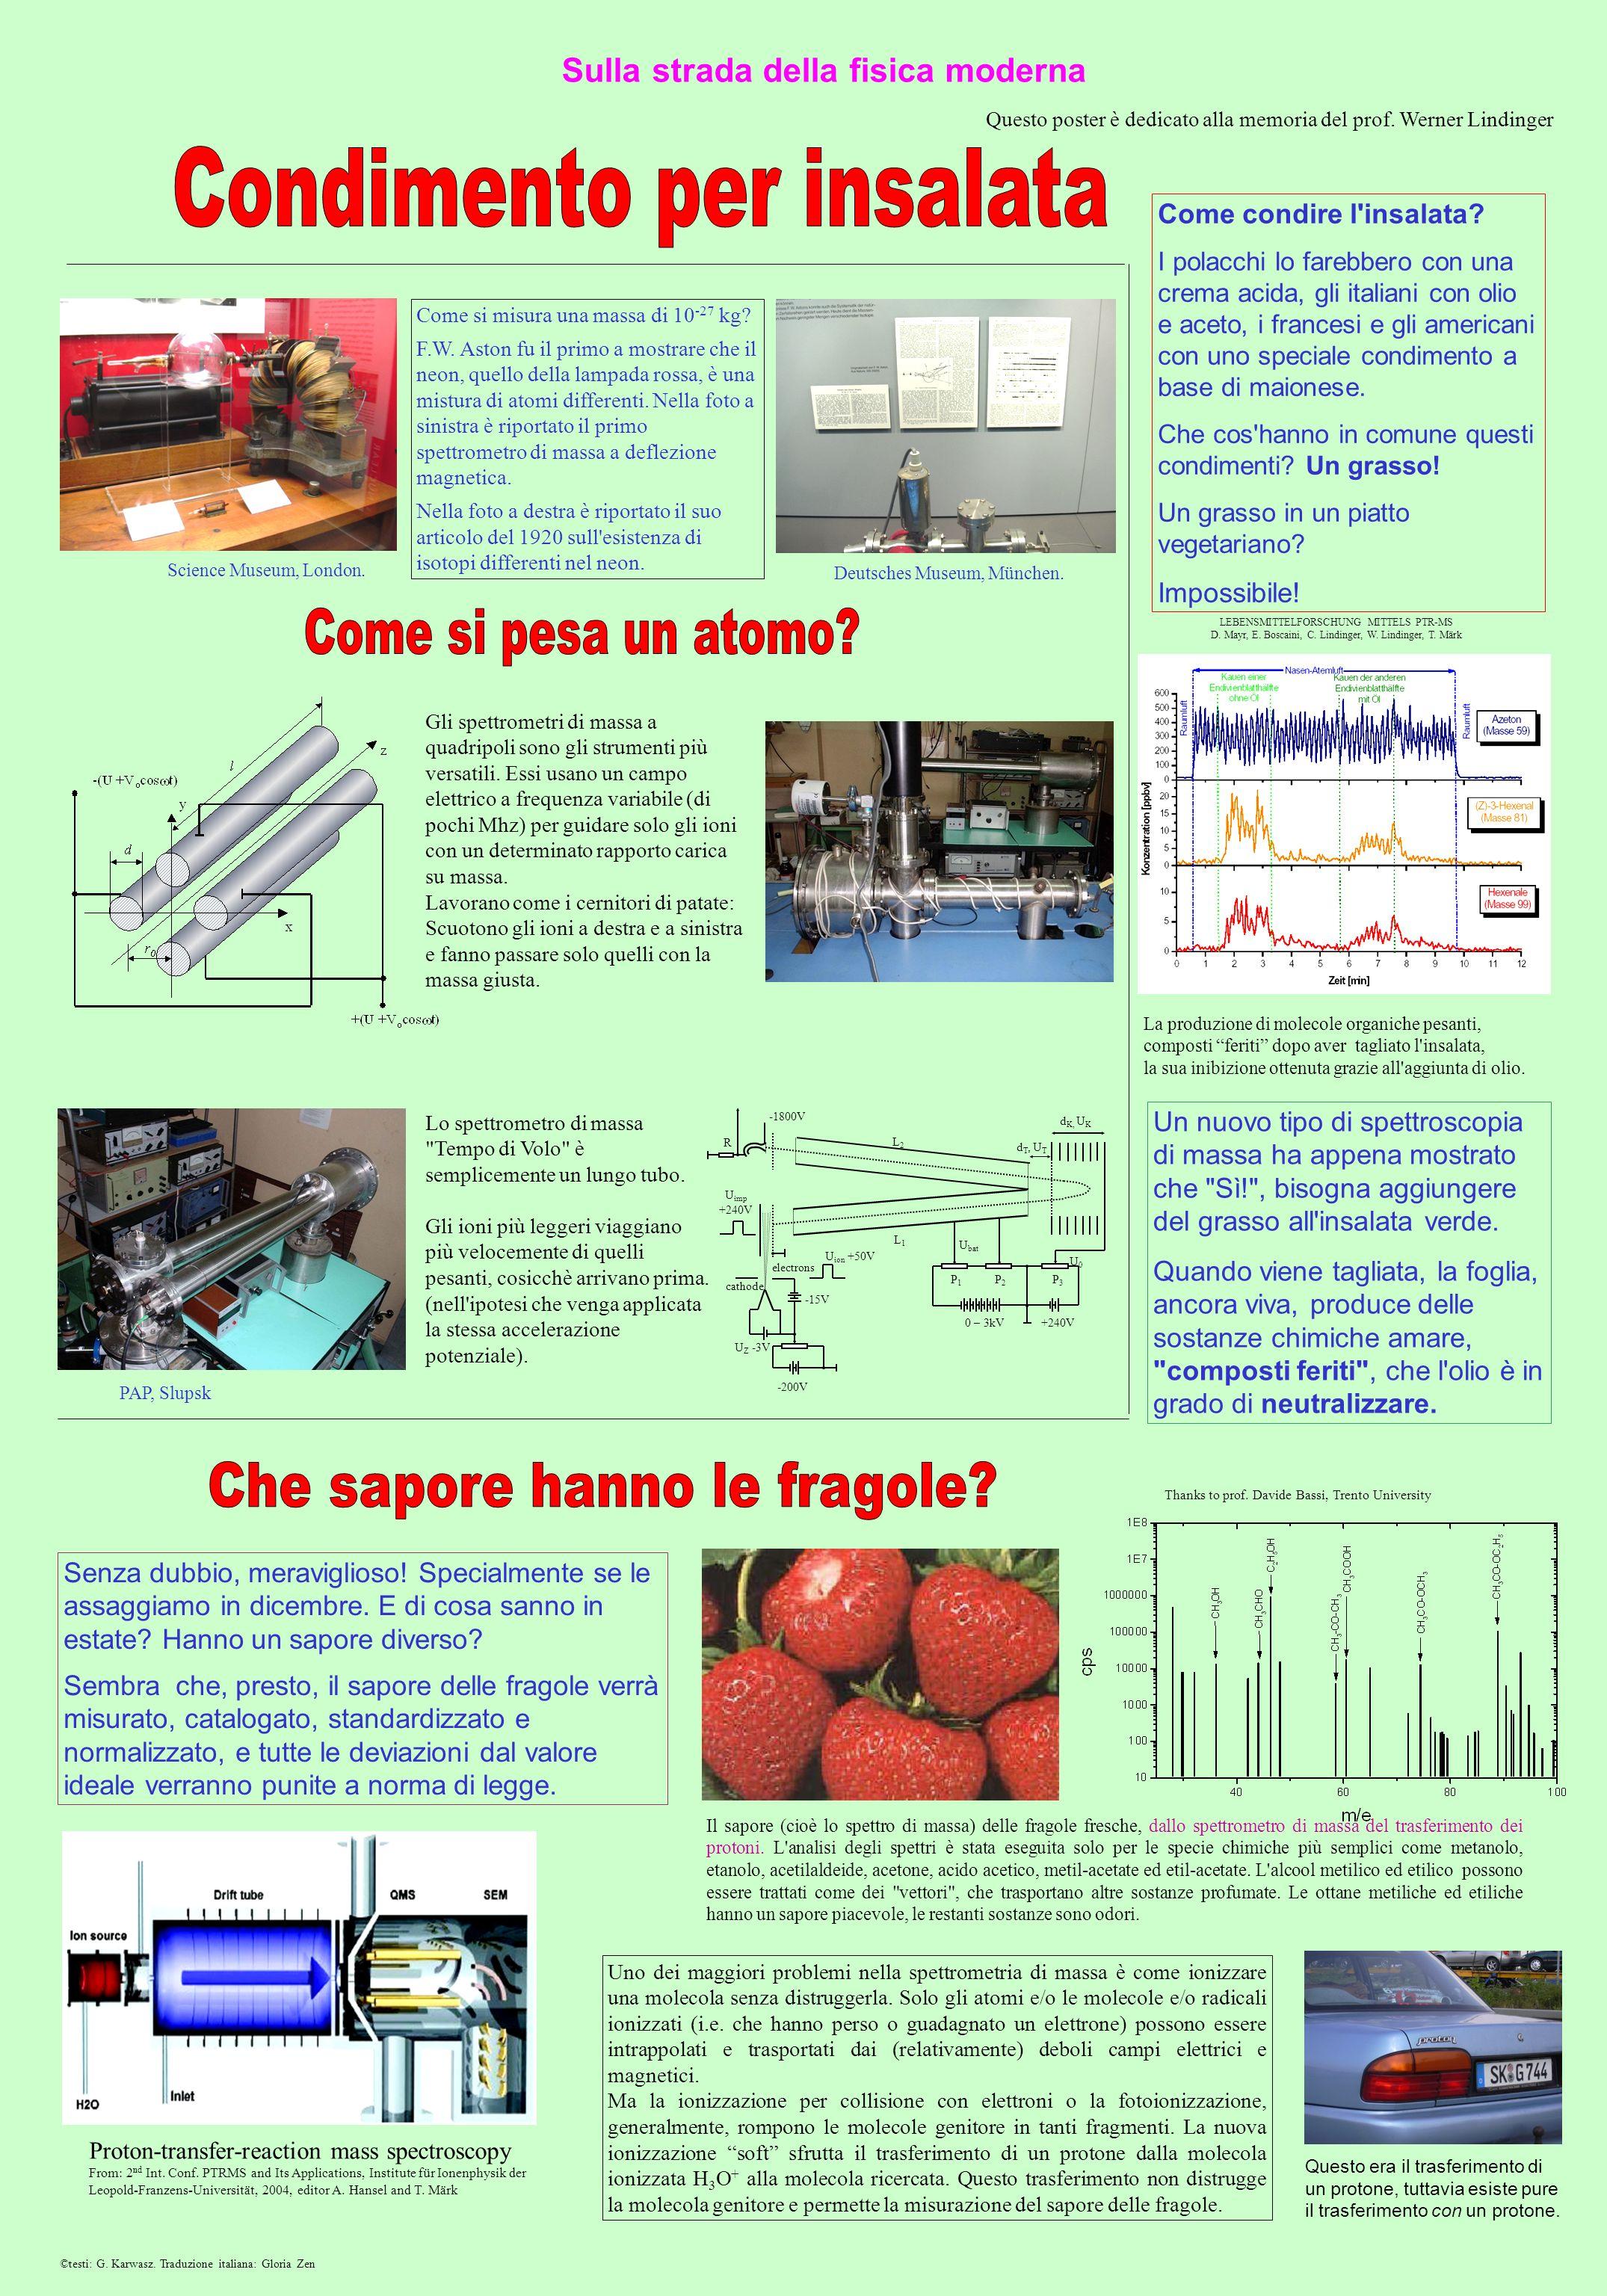 Sulla strada della fisica moderna Il sapore (cioè lo spettro di massa) delle fragole fresche, dallo spettrometro di massa del trasferimento dei protoni.